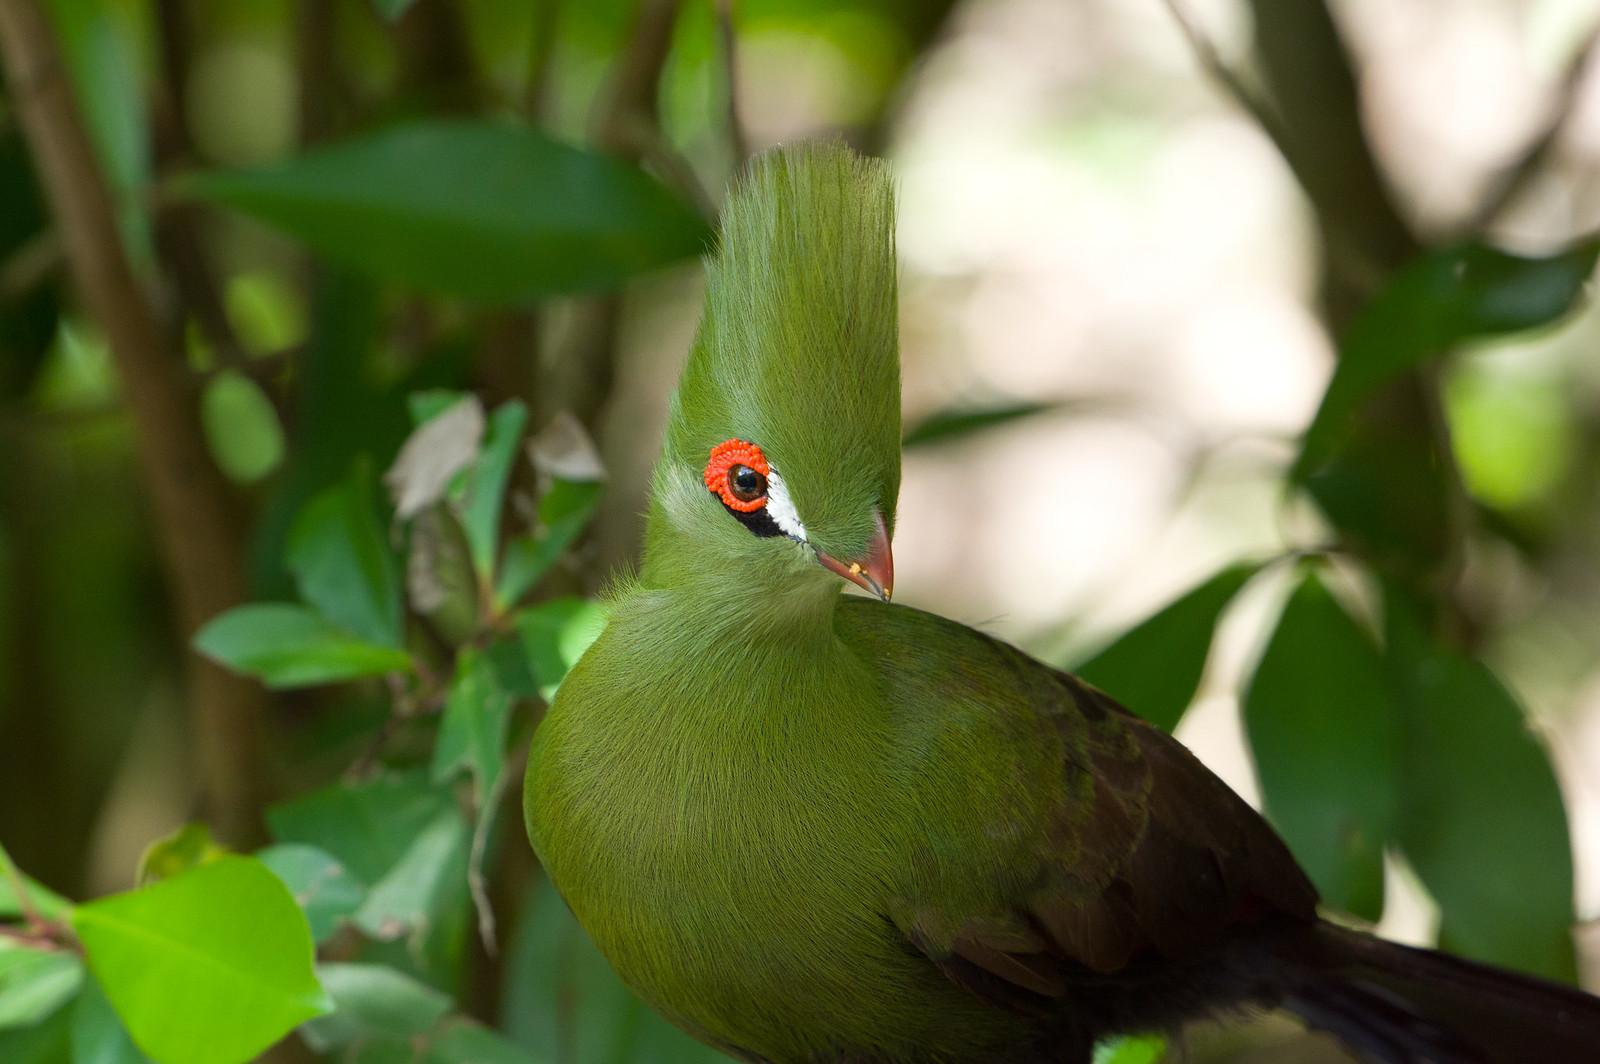 動物園的綠絲冠僧帽鳥